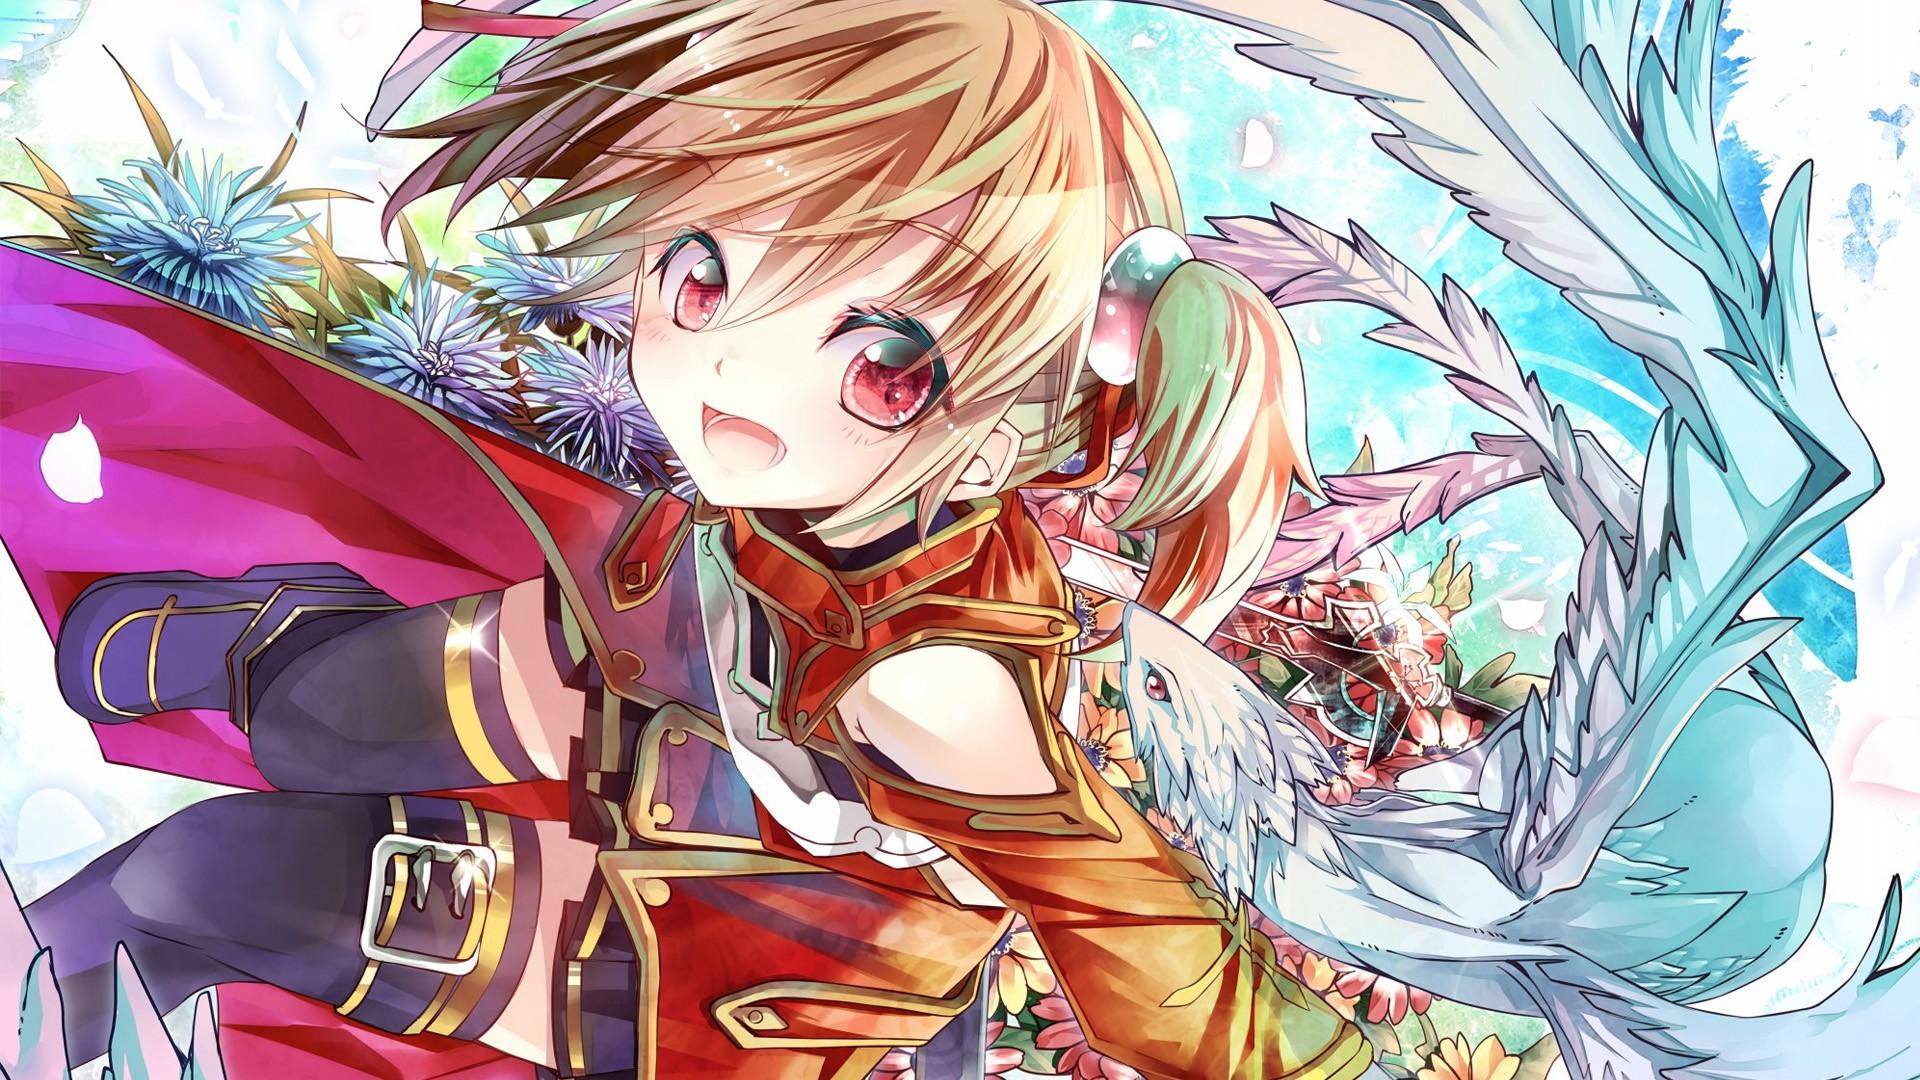 sword art online anime wallpaper - photo #25